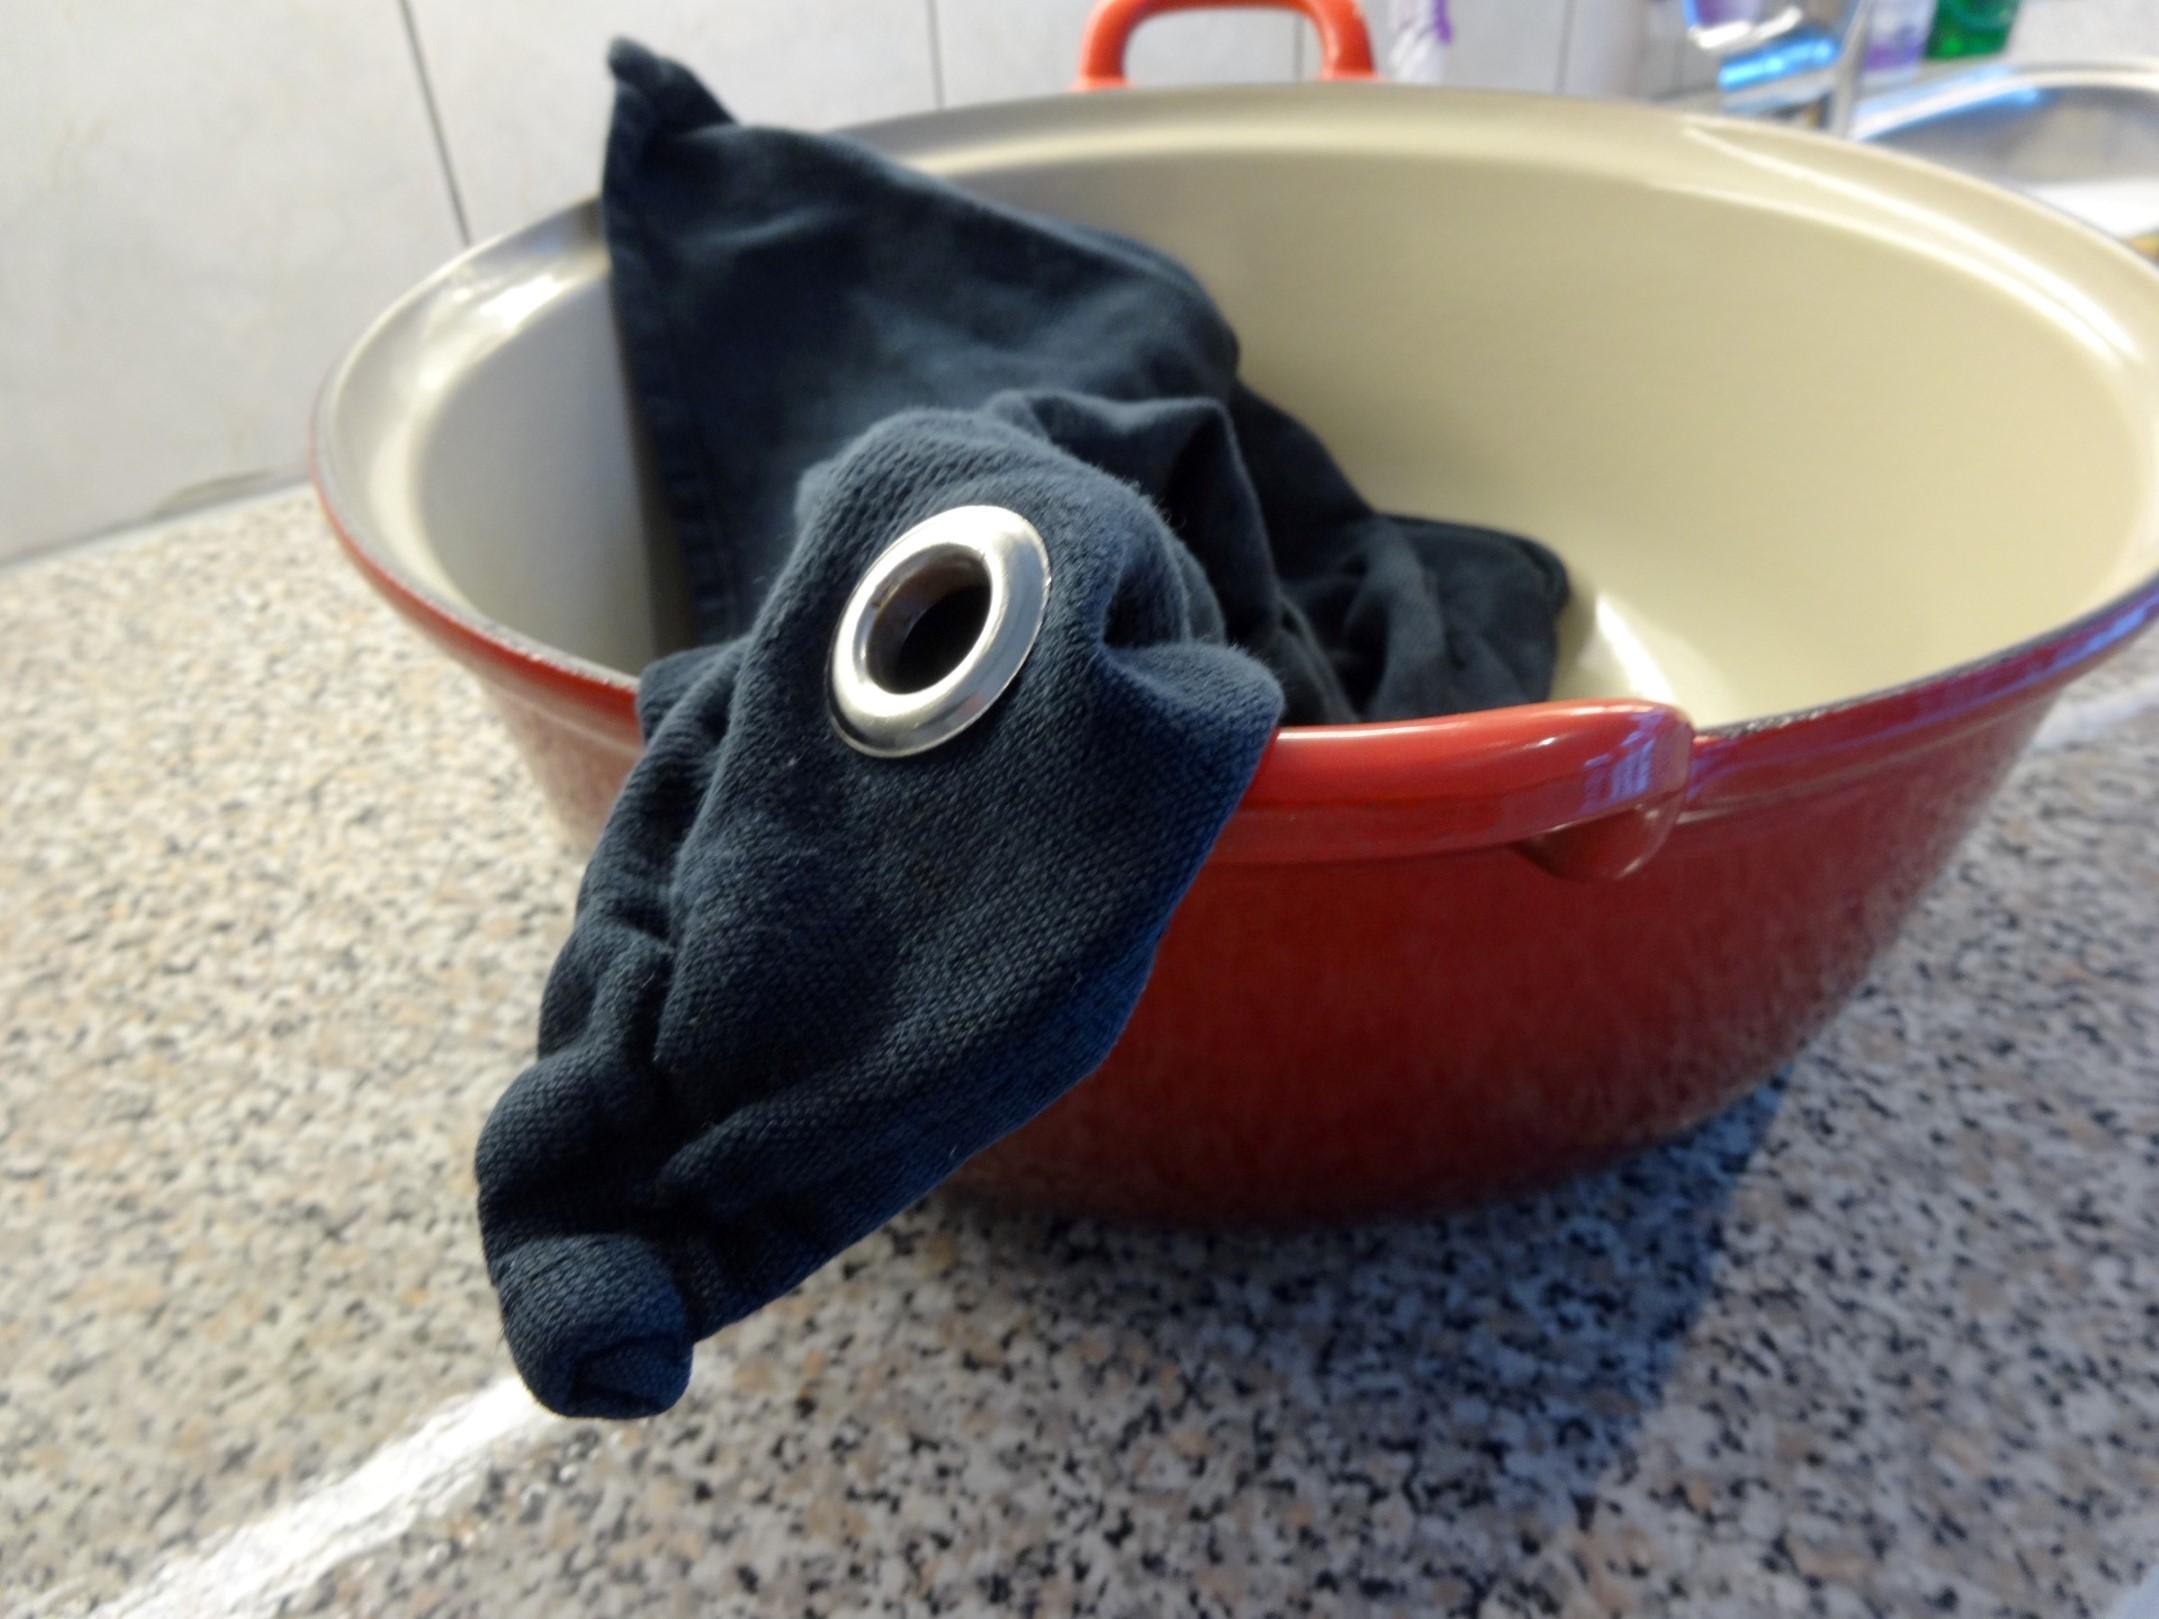 Hoe verpest ik mijn goede braadpan – 5 dingen die je beter niet kunt doen met je braadpan